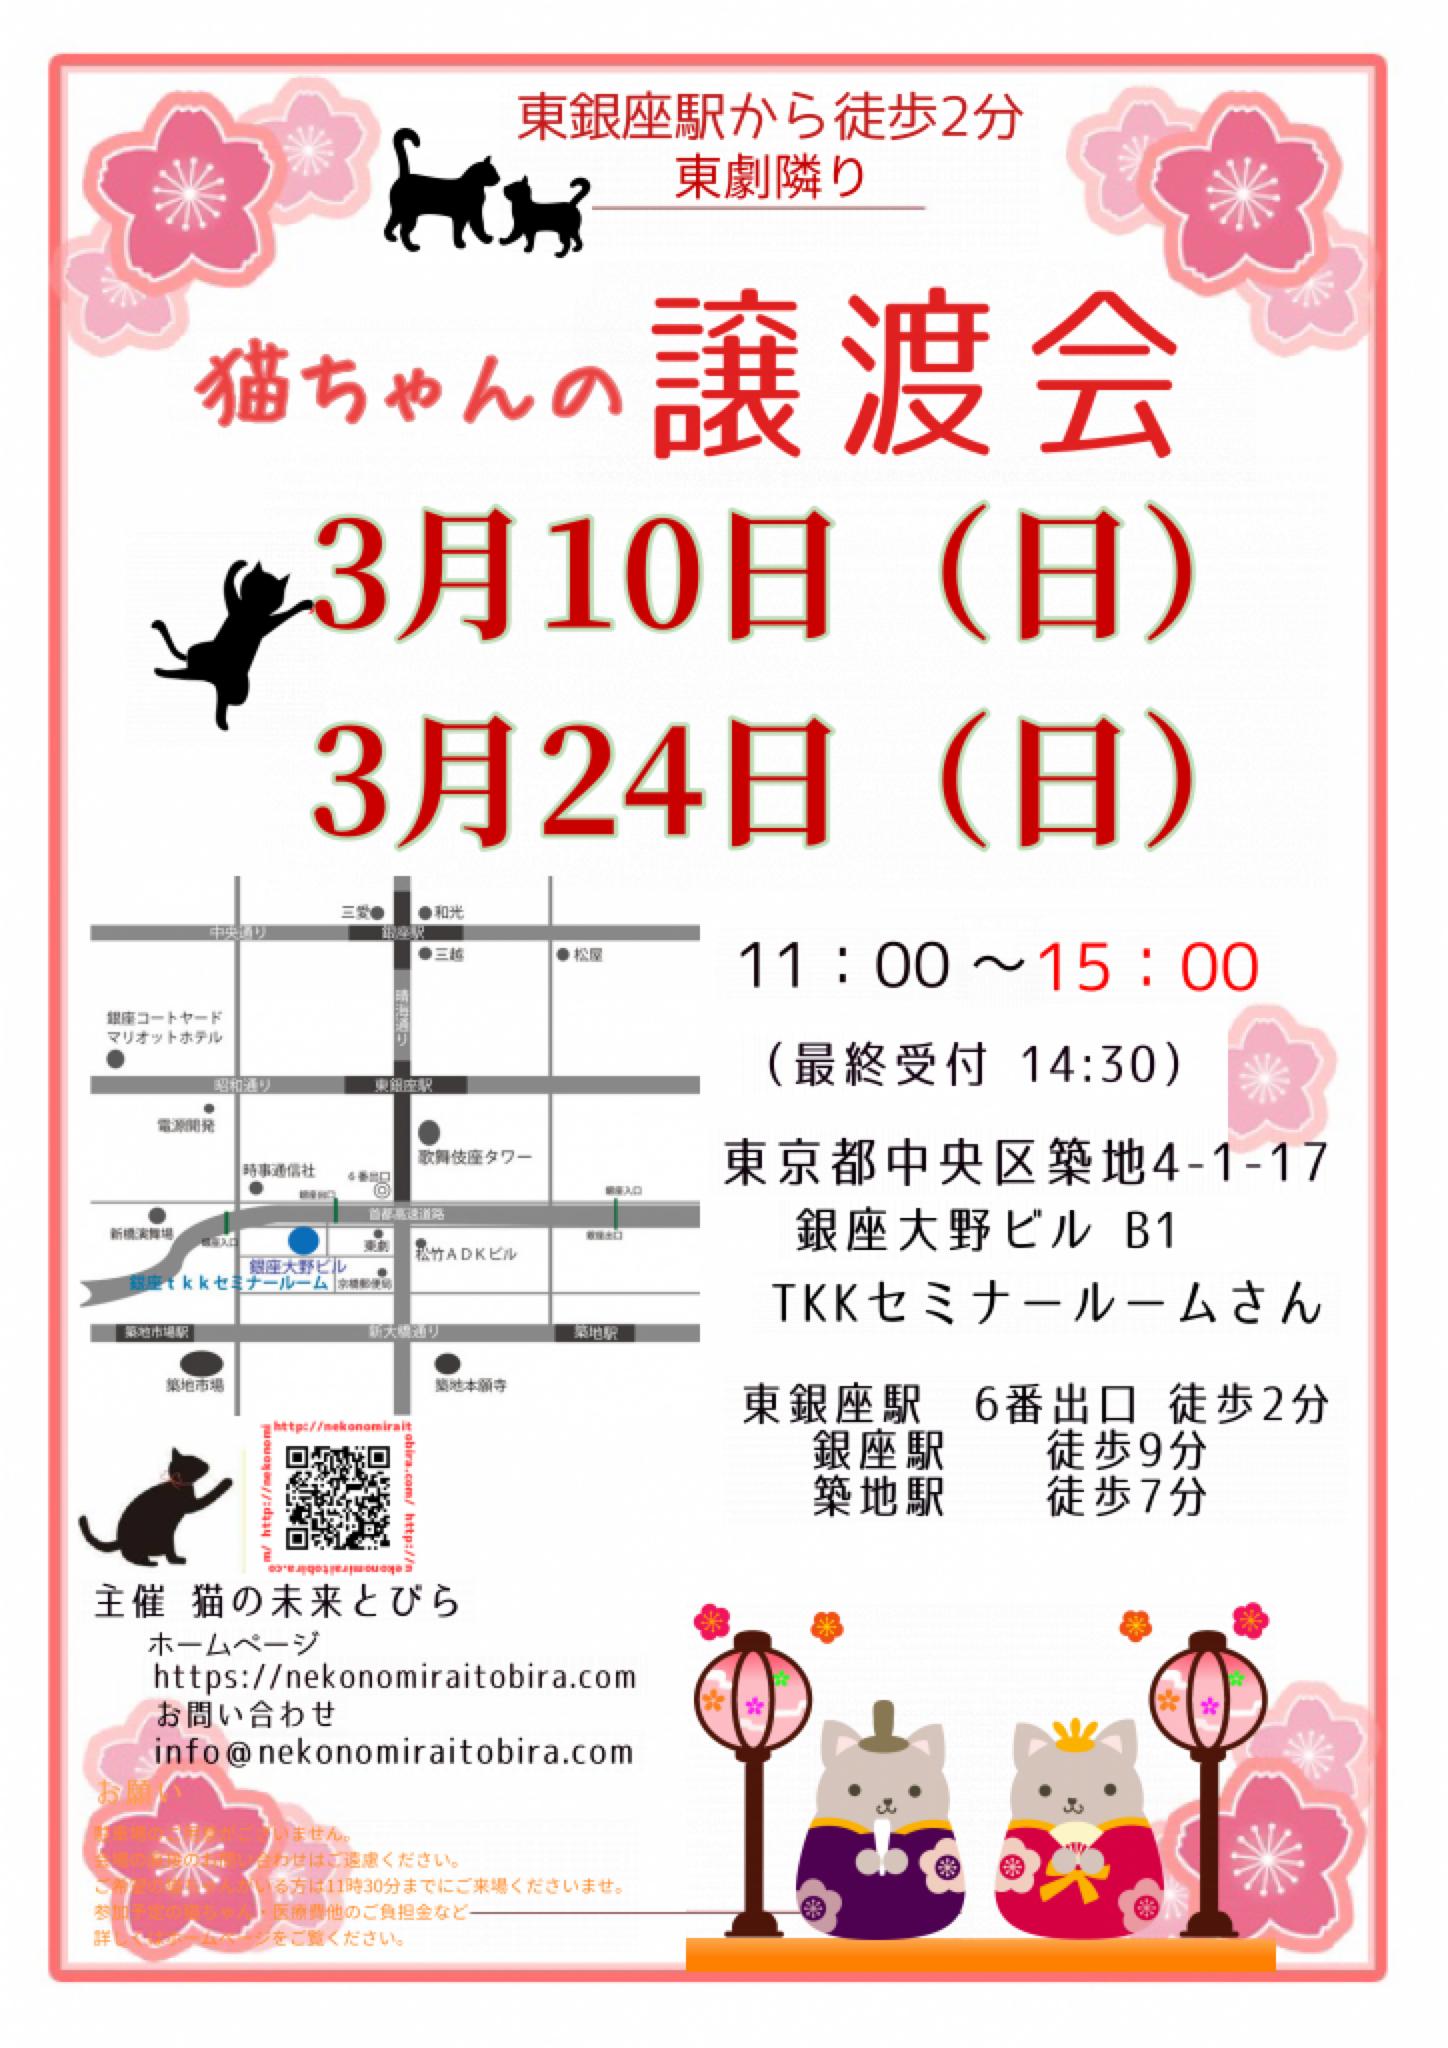 【 第30回】 <br>東京東銀座にて ねこの譲渡会開催